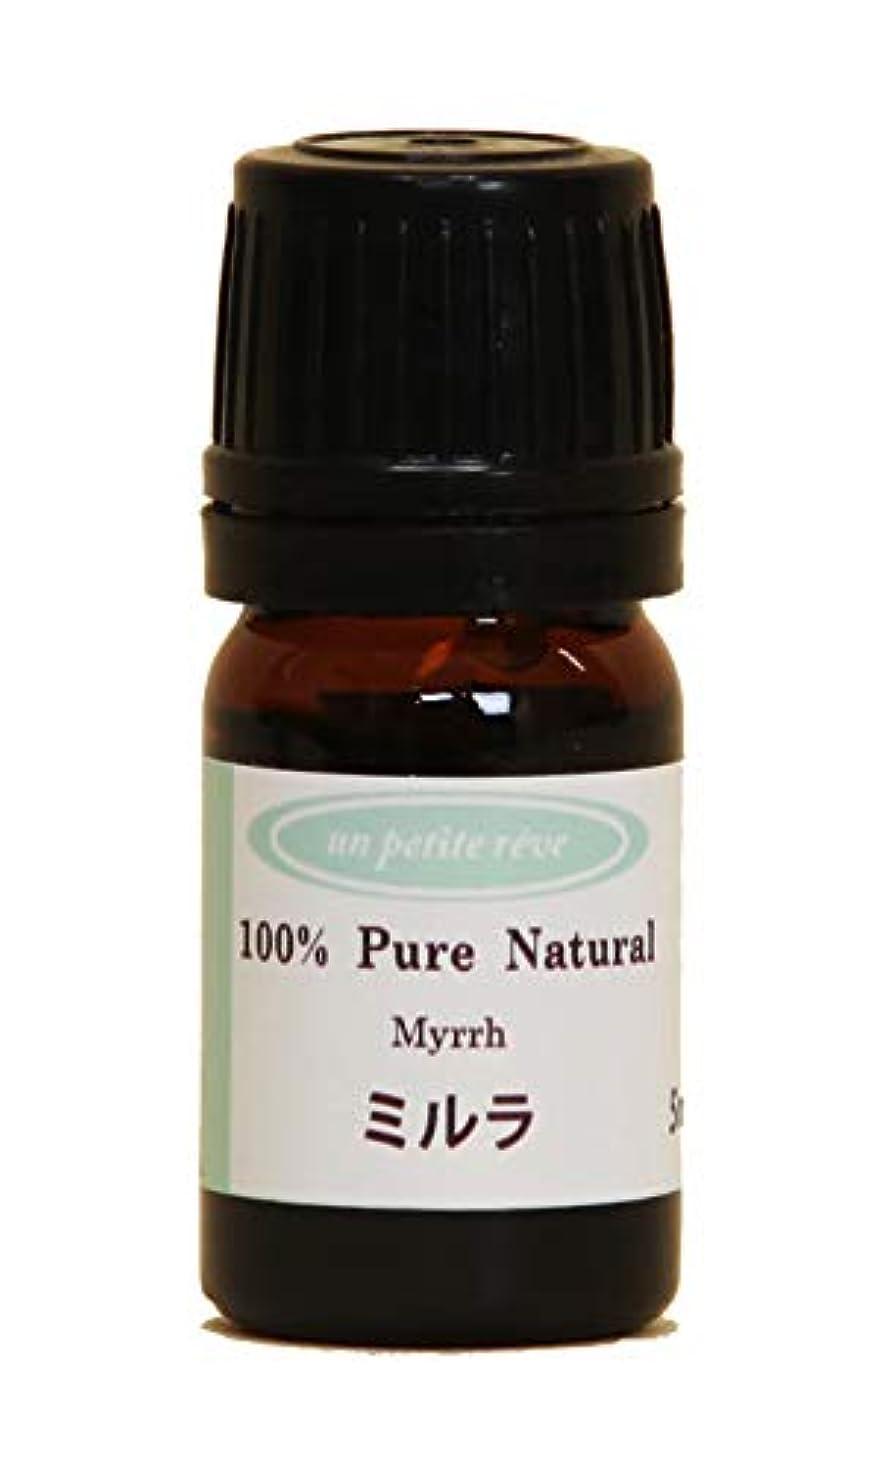 ありがたい罪愛撫ミルラ(ウッドマドラー付き) 5ml 100%天然アロマエッセンシャルオイル(精油)